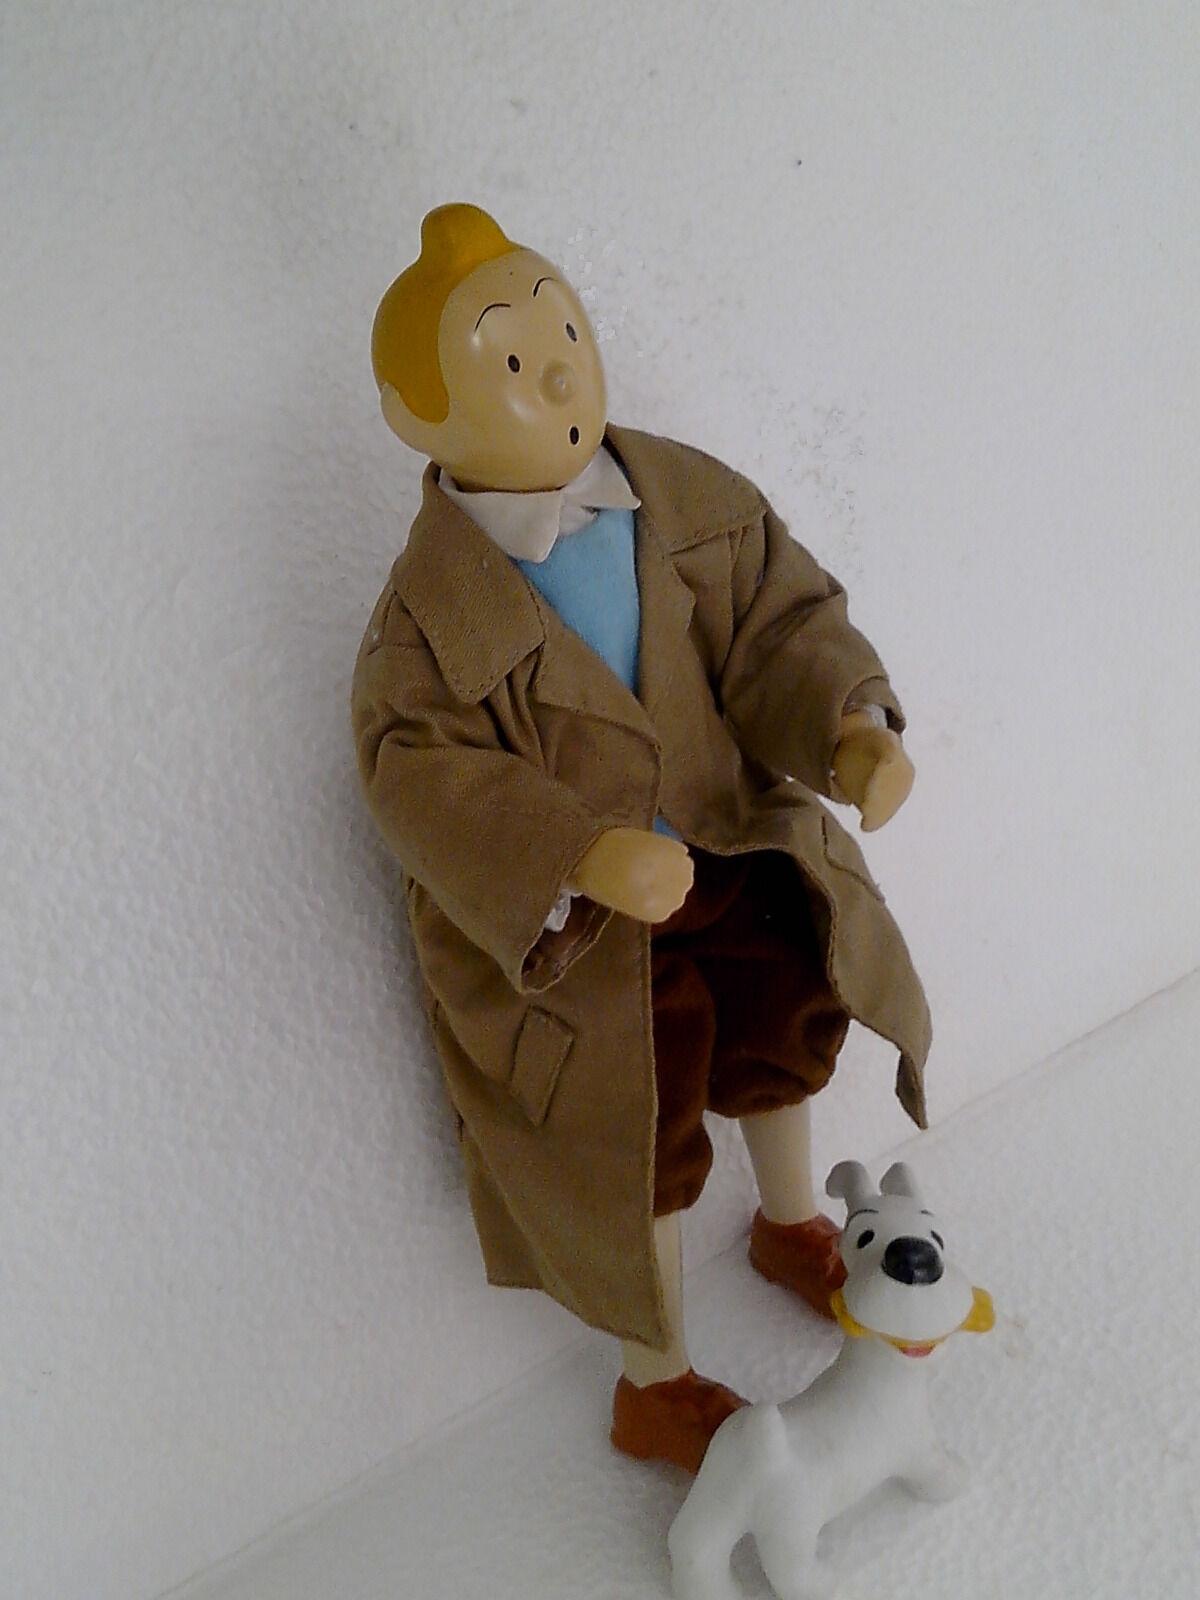 Tintin  and milou-very old figurines-porcelain -  jusqu'à 34% de réduction sur tous les produits